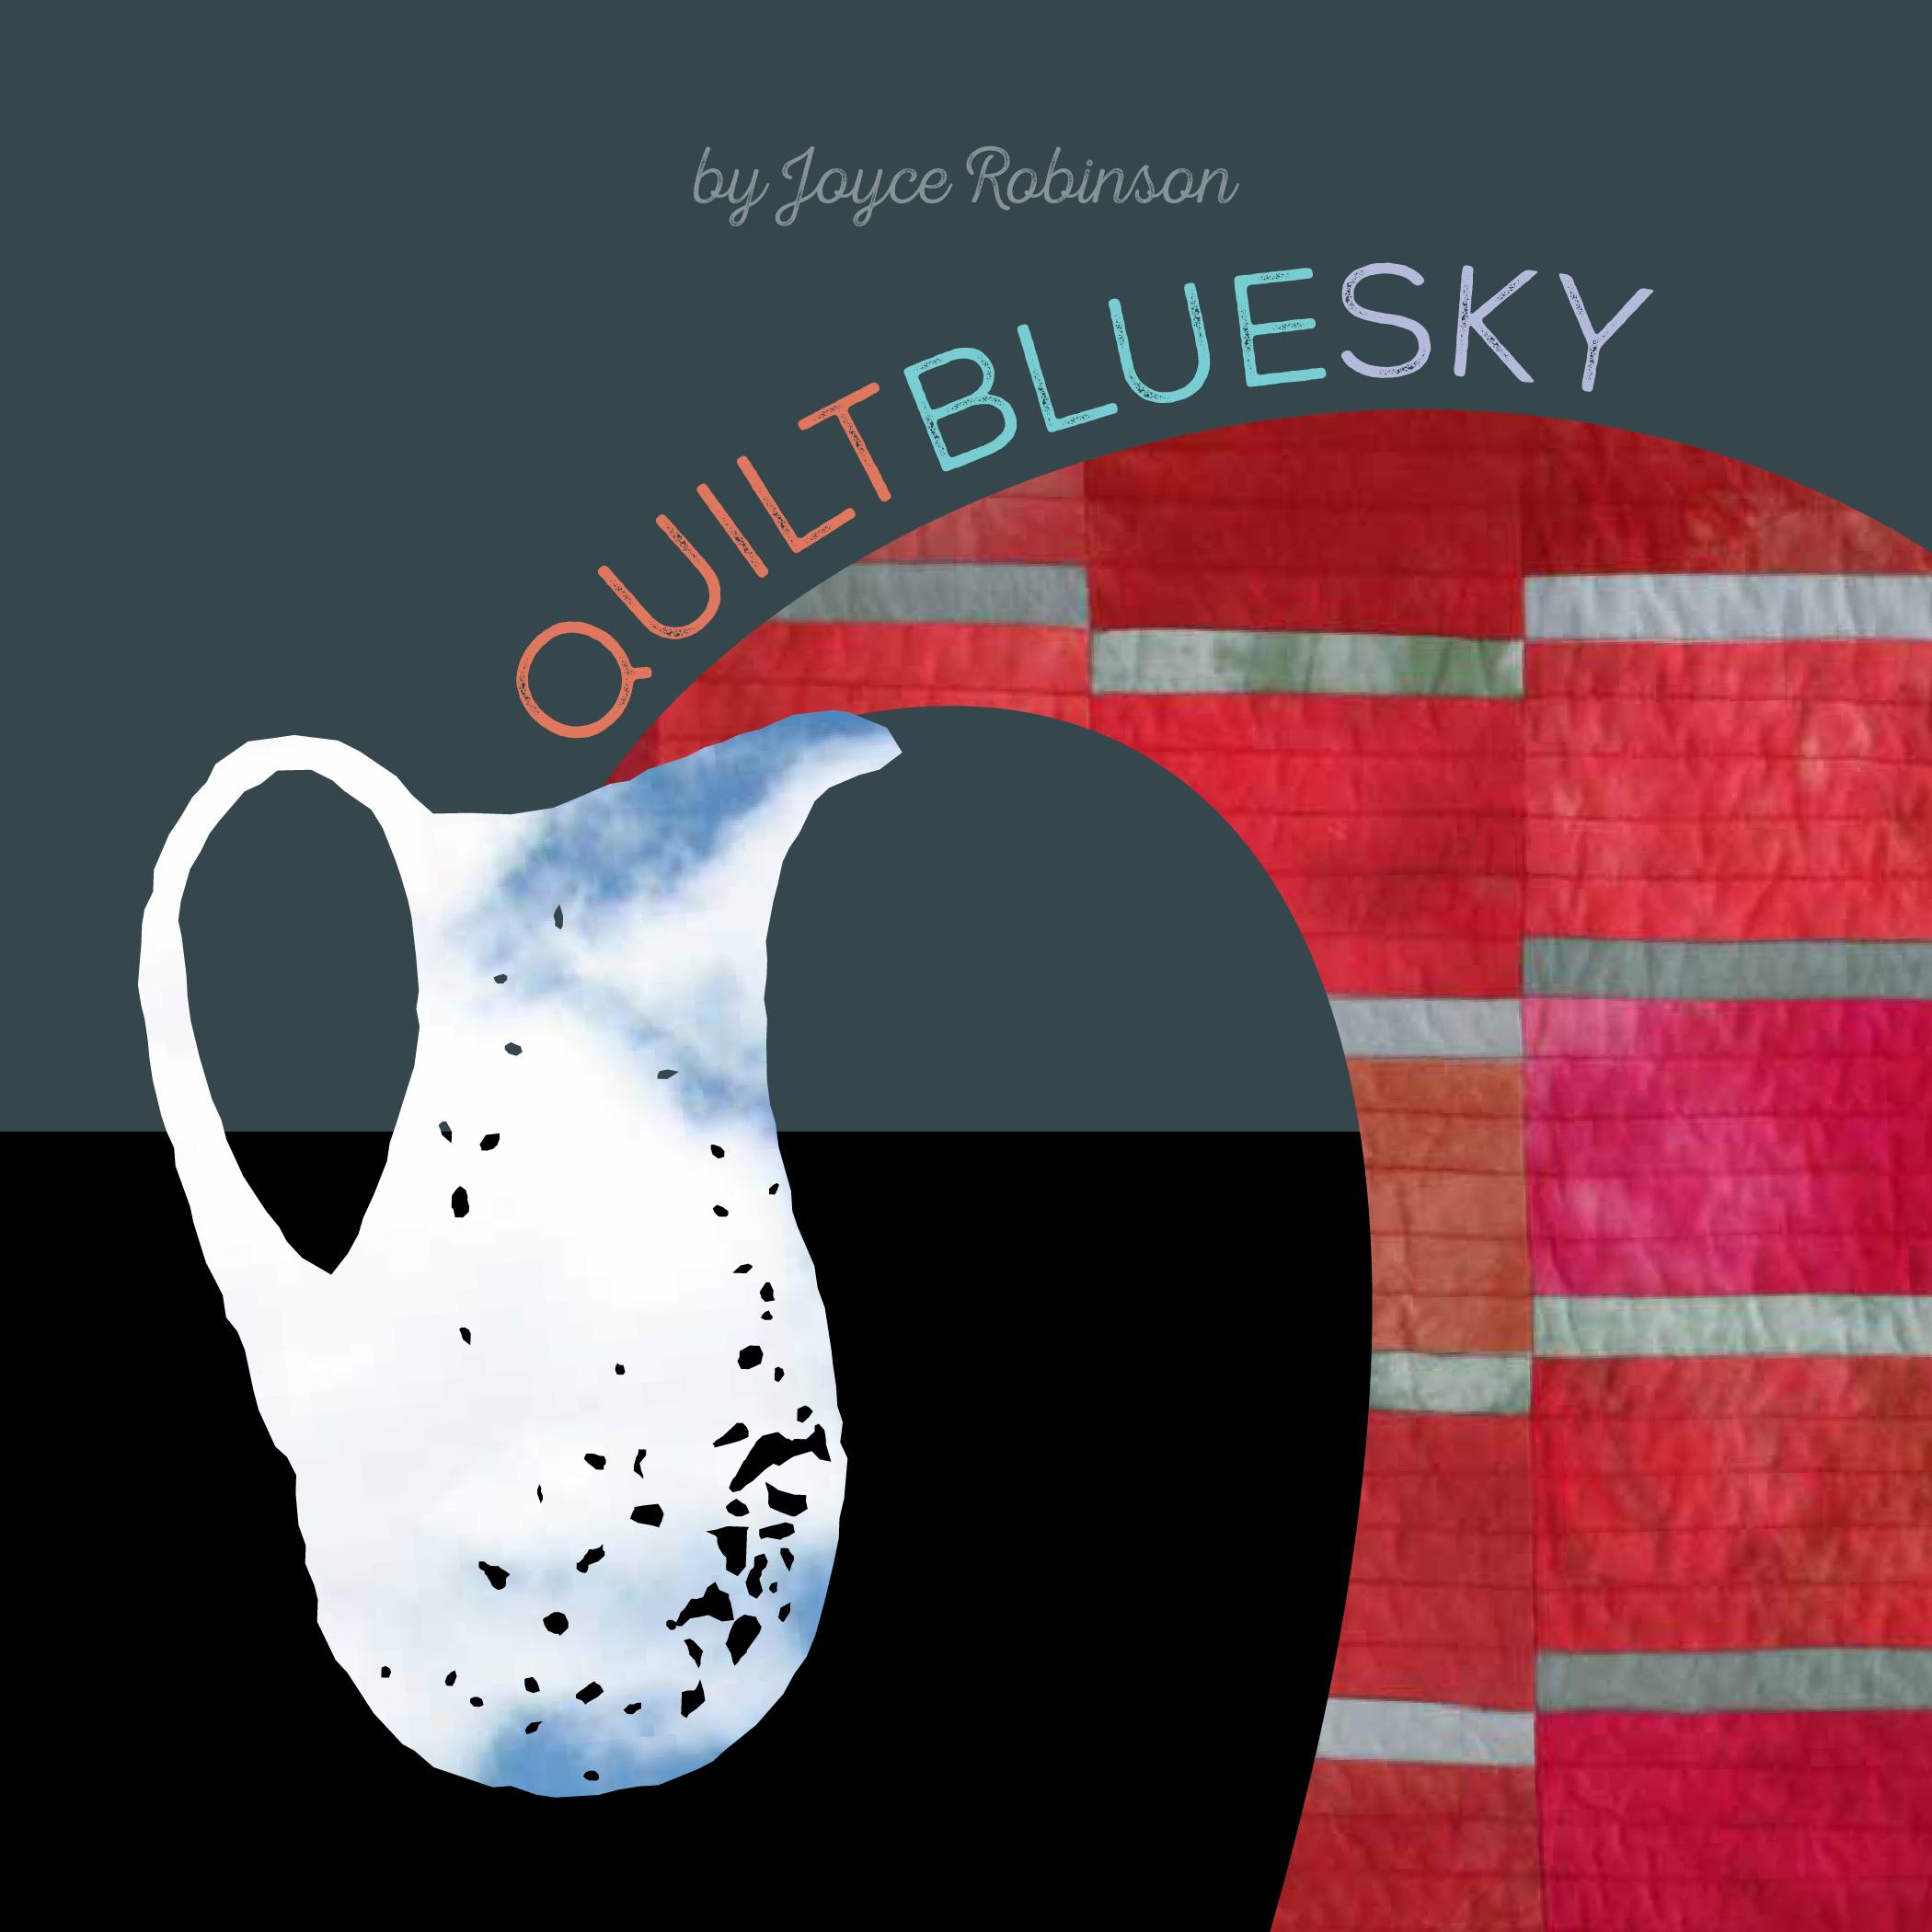 quiltbluesky-book-cover